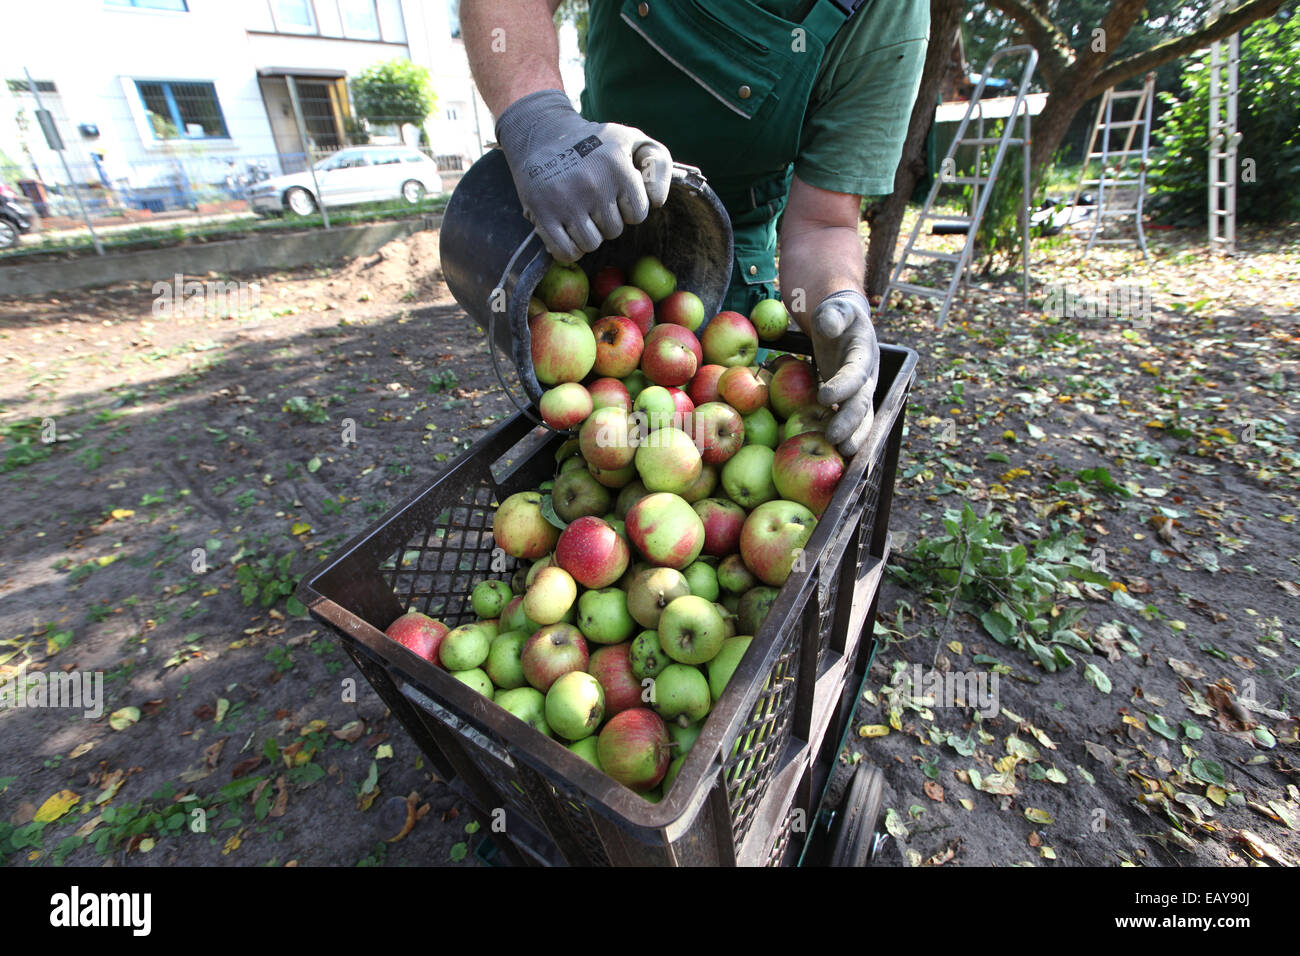 Nahaufnahme eines Mannes sammeln Äpfel in einem urban gardening Projekt Stockbild